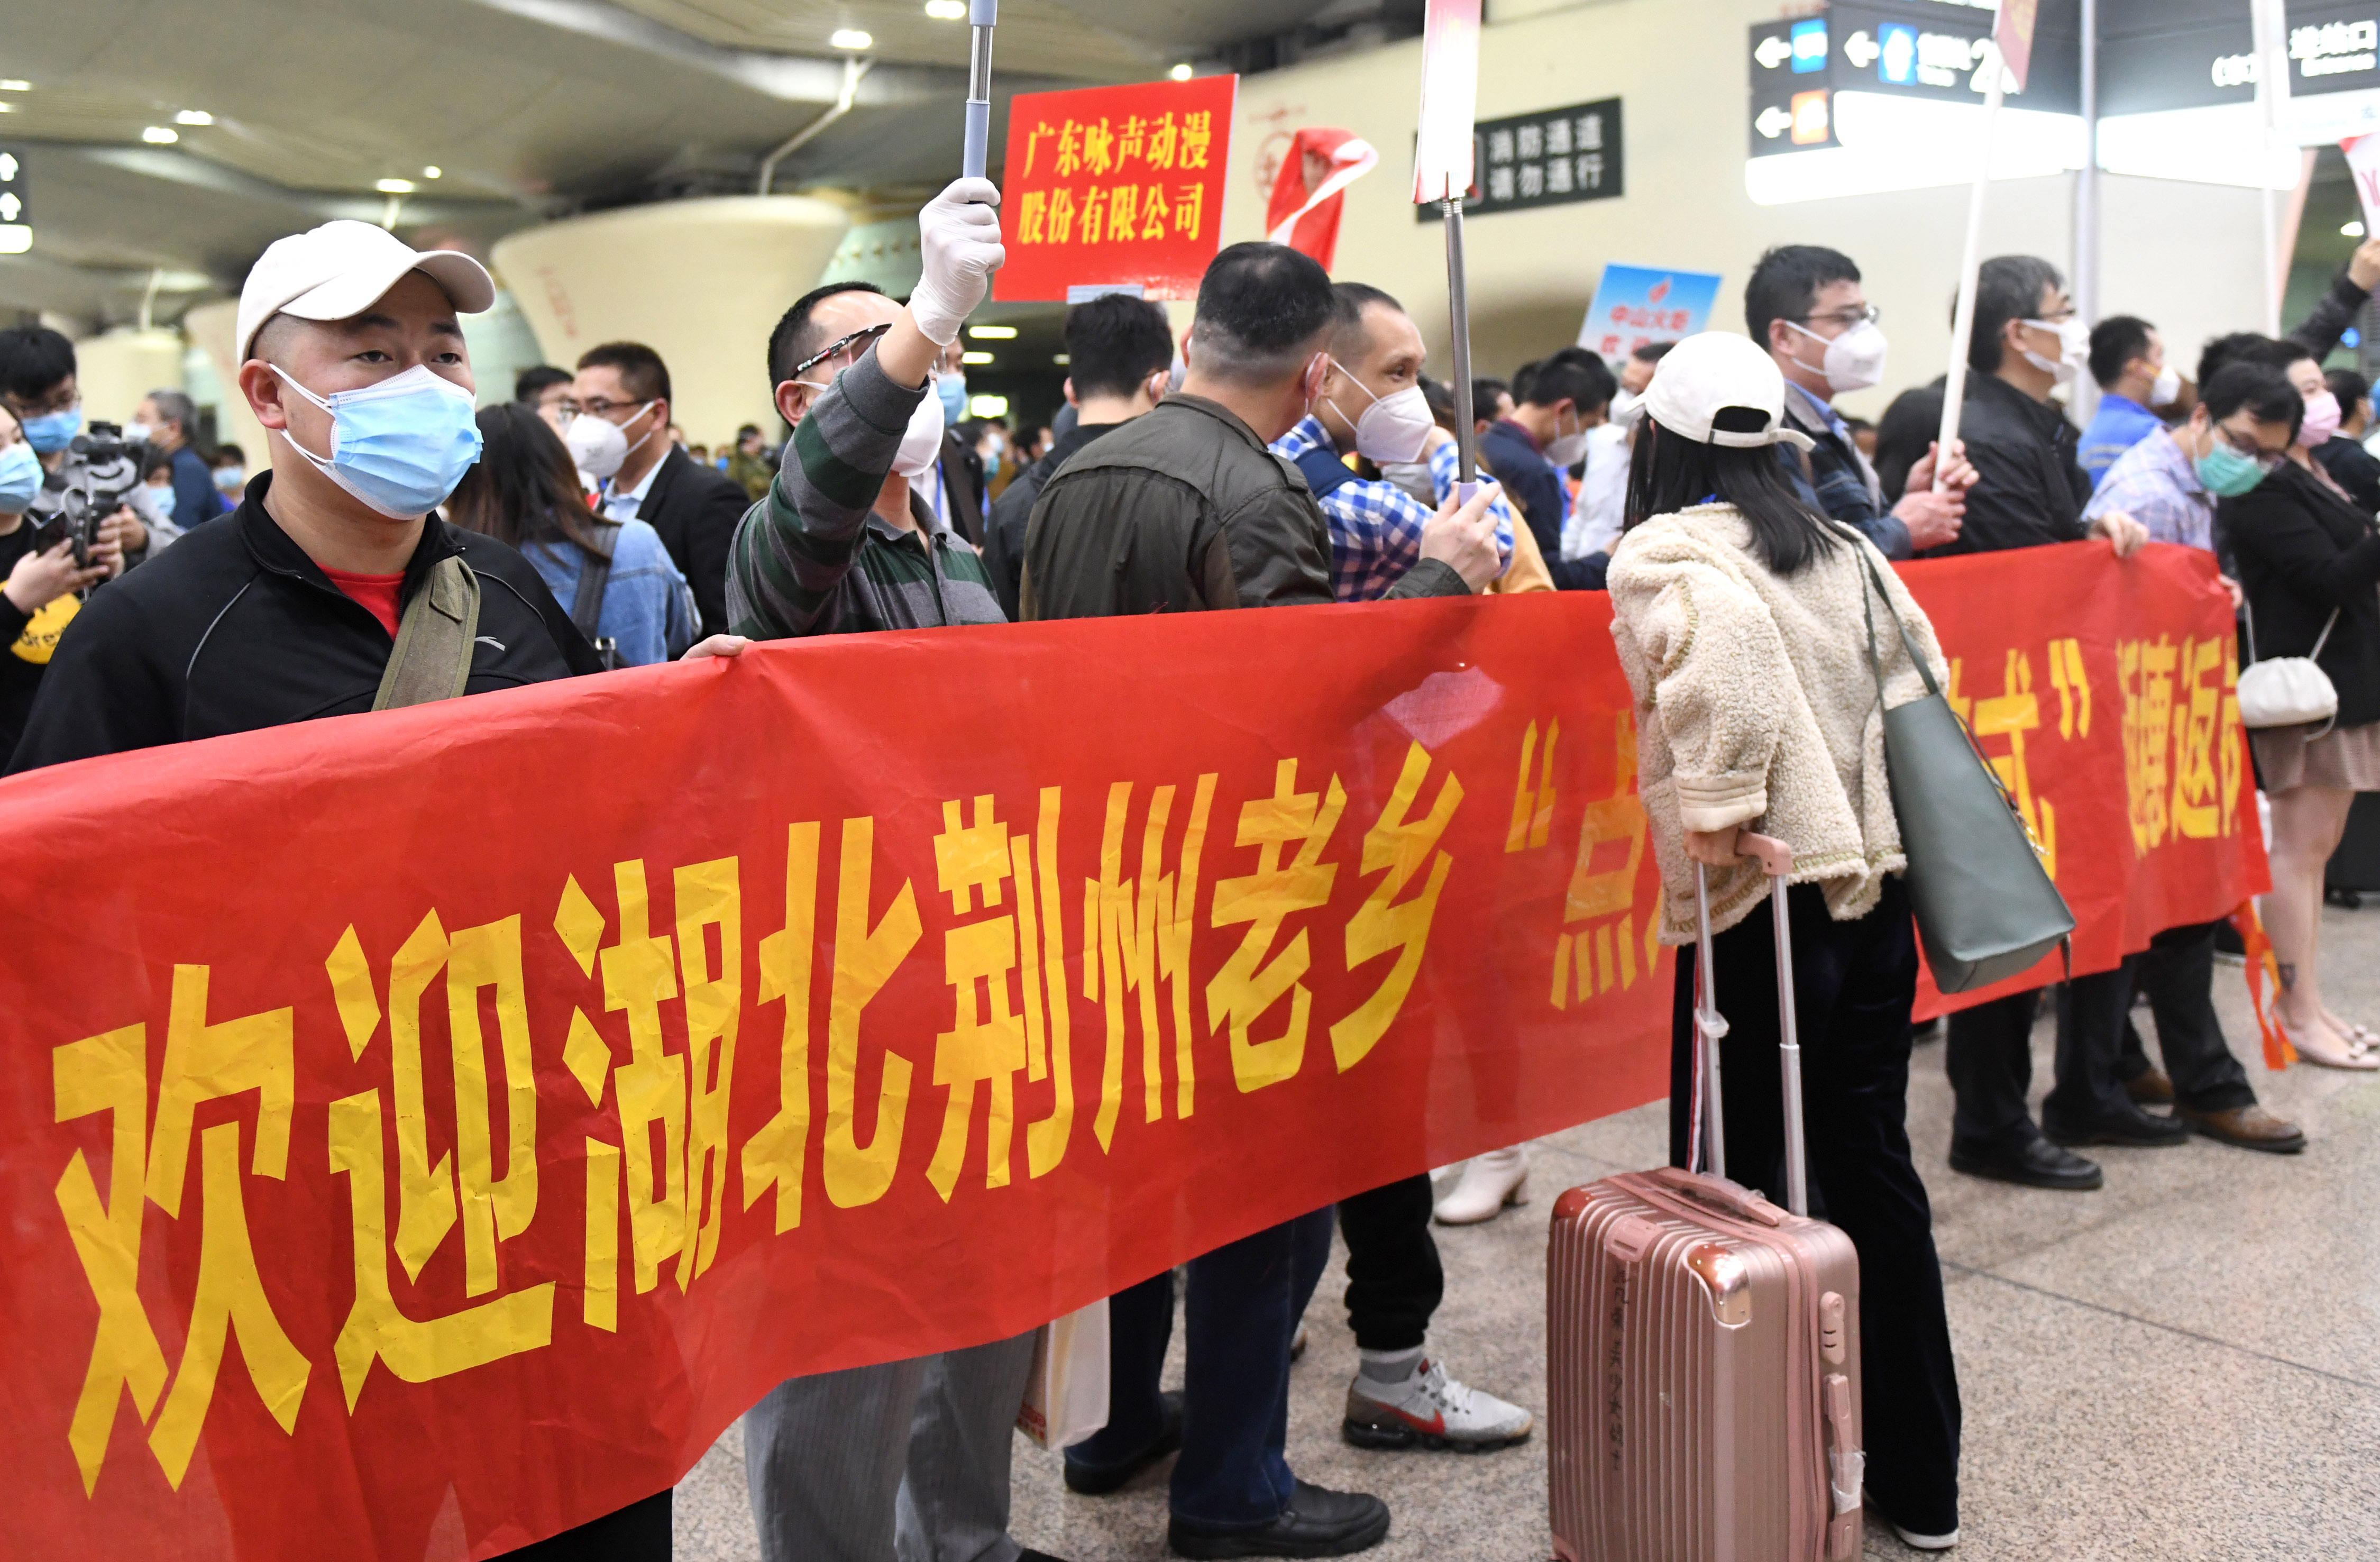 春节后湖北首趟返粤复工专列抵达广州